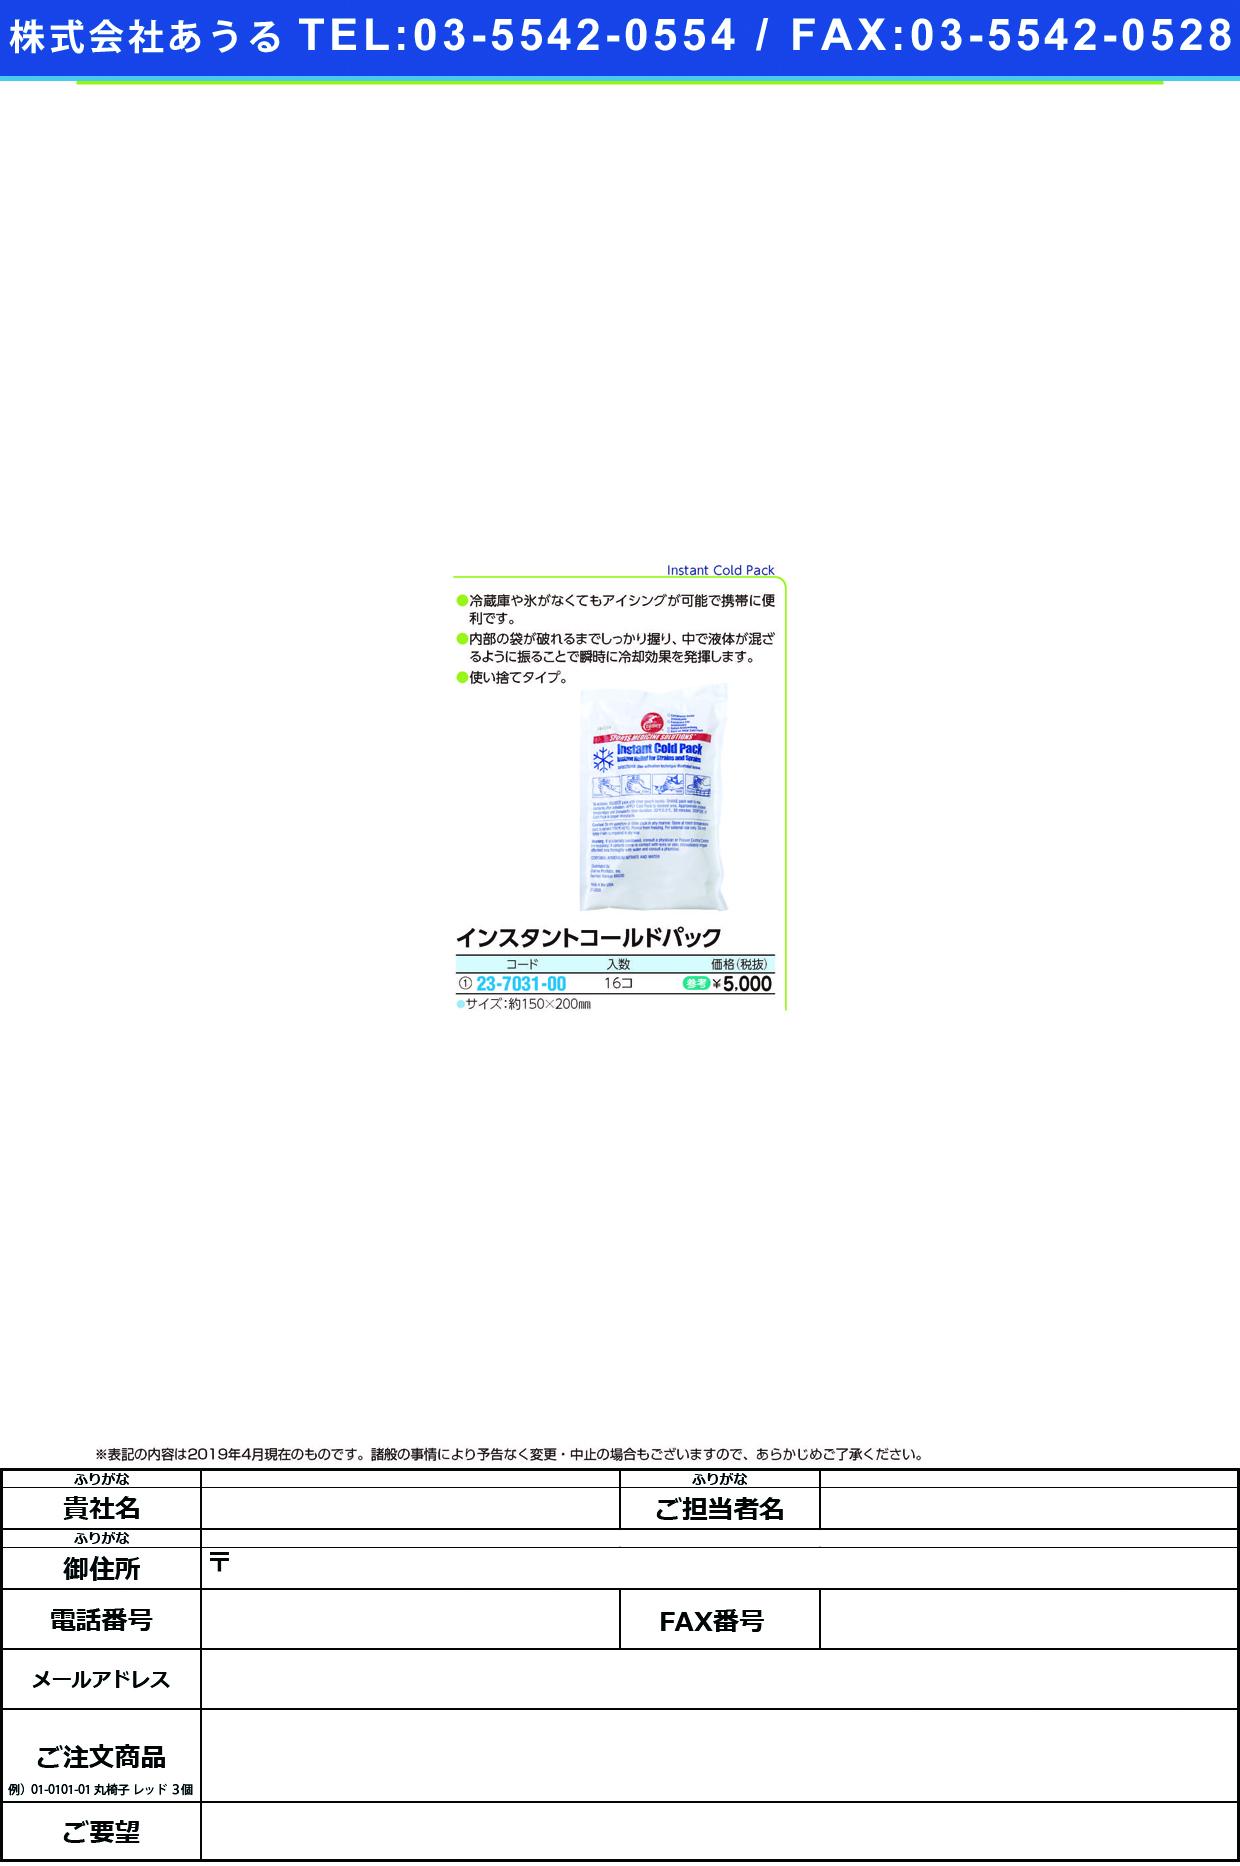 (23-7031-00)インスタントコールドパック 150X200MM(16コイリ) インスタントコールドパック【1箱単位】【2019年カタログ商品】